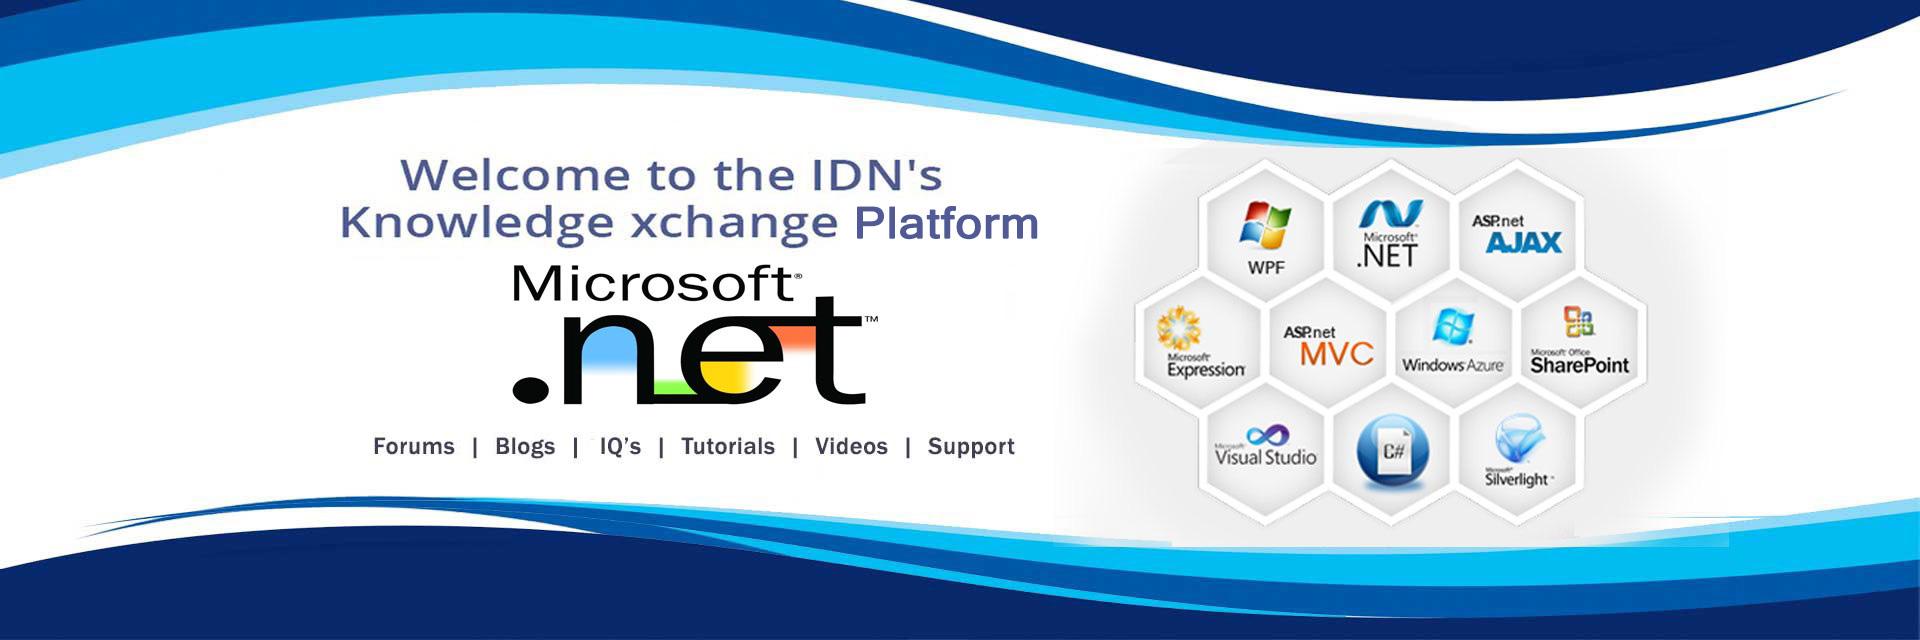 Dotnet - idn kxchange